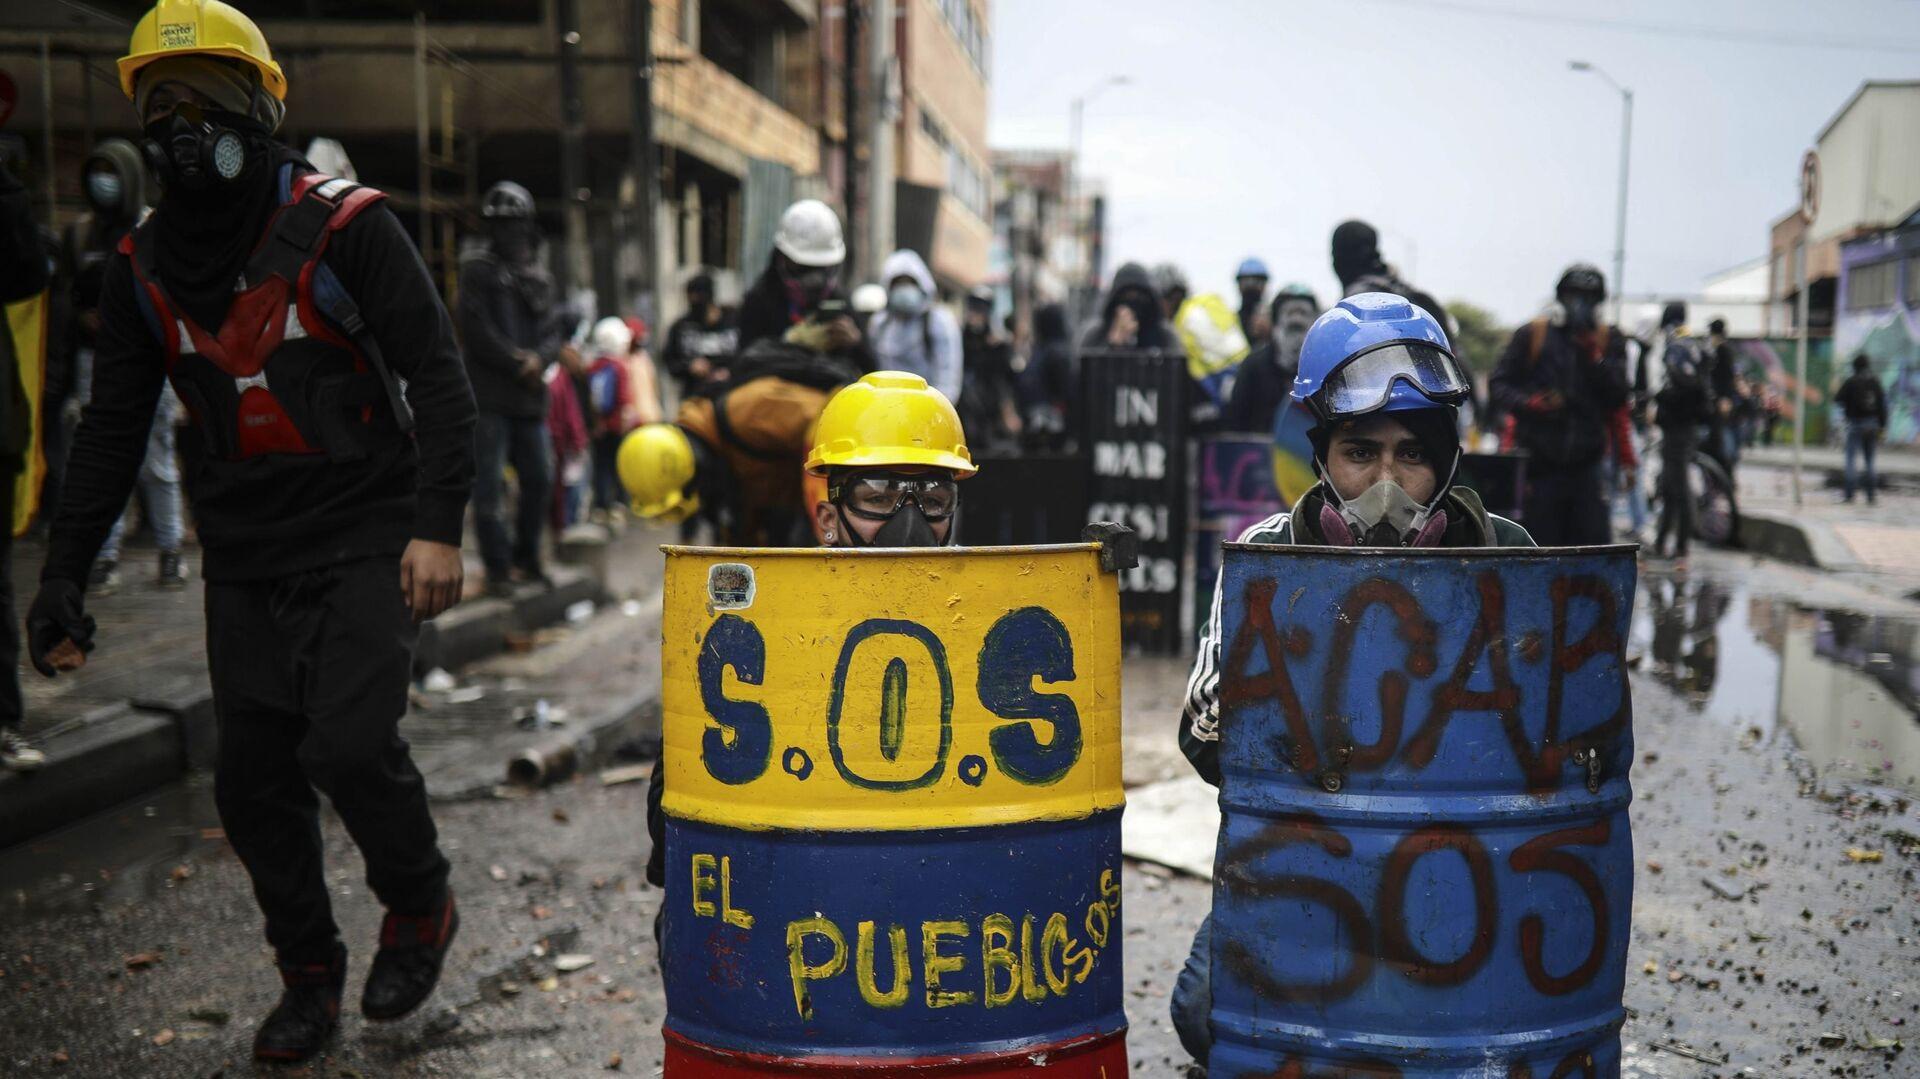 Антиправительственные протестующие прячутся за импровизированными щитами во время столкновений с полицией в Боготе, Колумбия - Sputnik Mundo, 1920, 19.07.2021